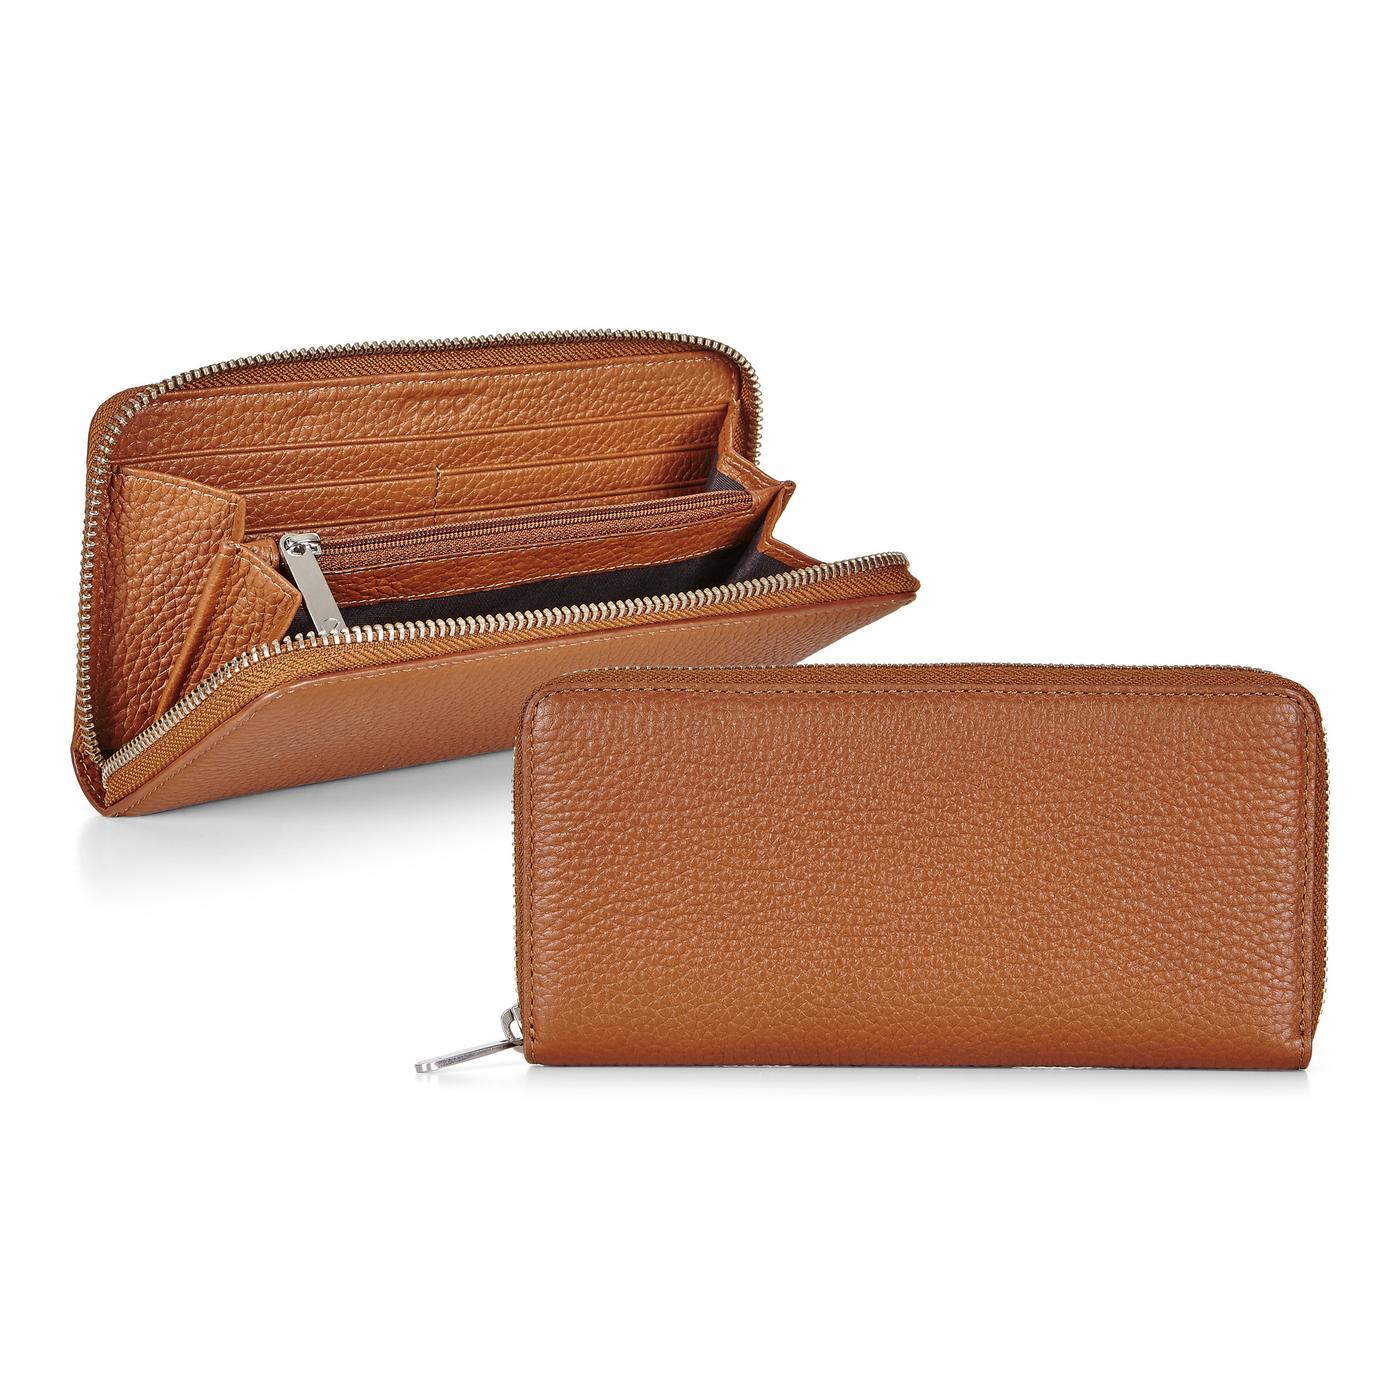 ECCO ISAN2 Large Zip Wallet